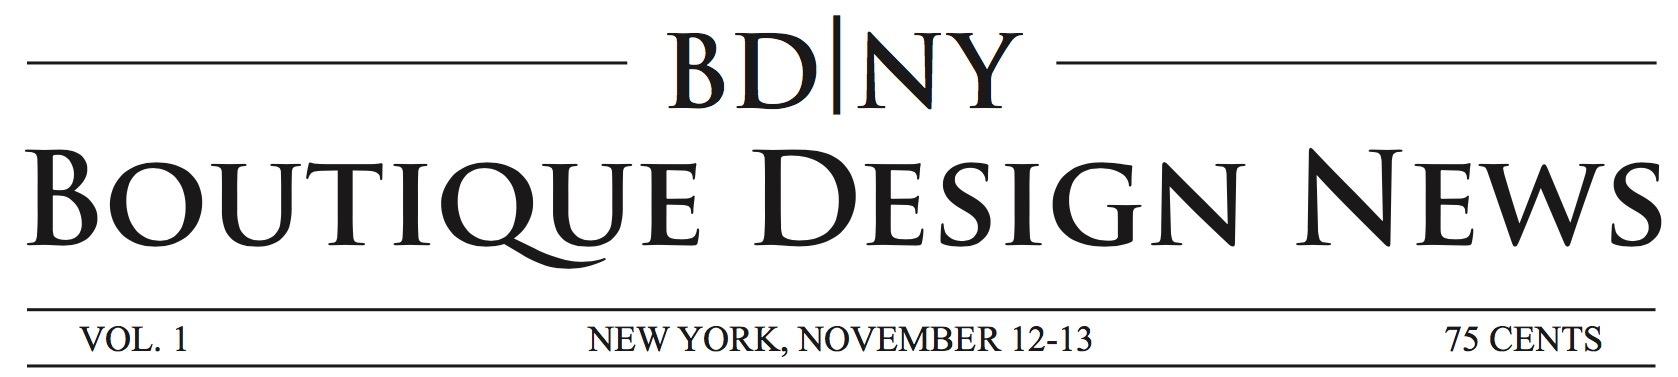 BD|NY - BDNY Boutique Design Trade Fair Newspaper